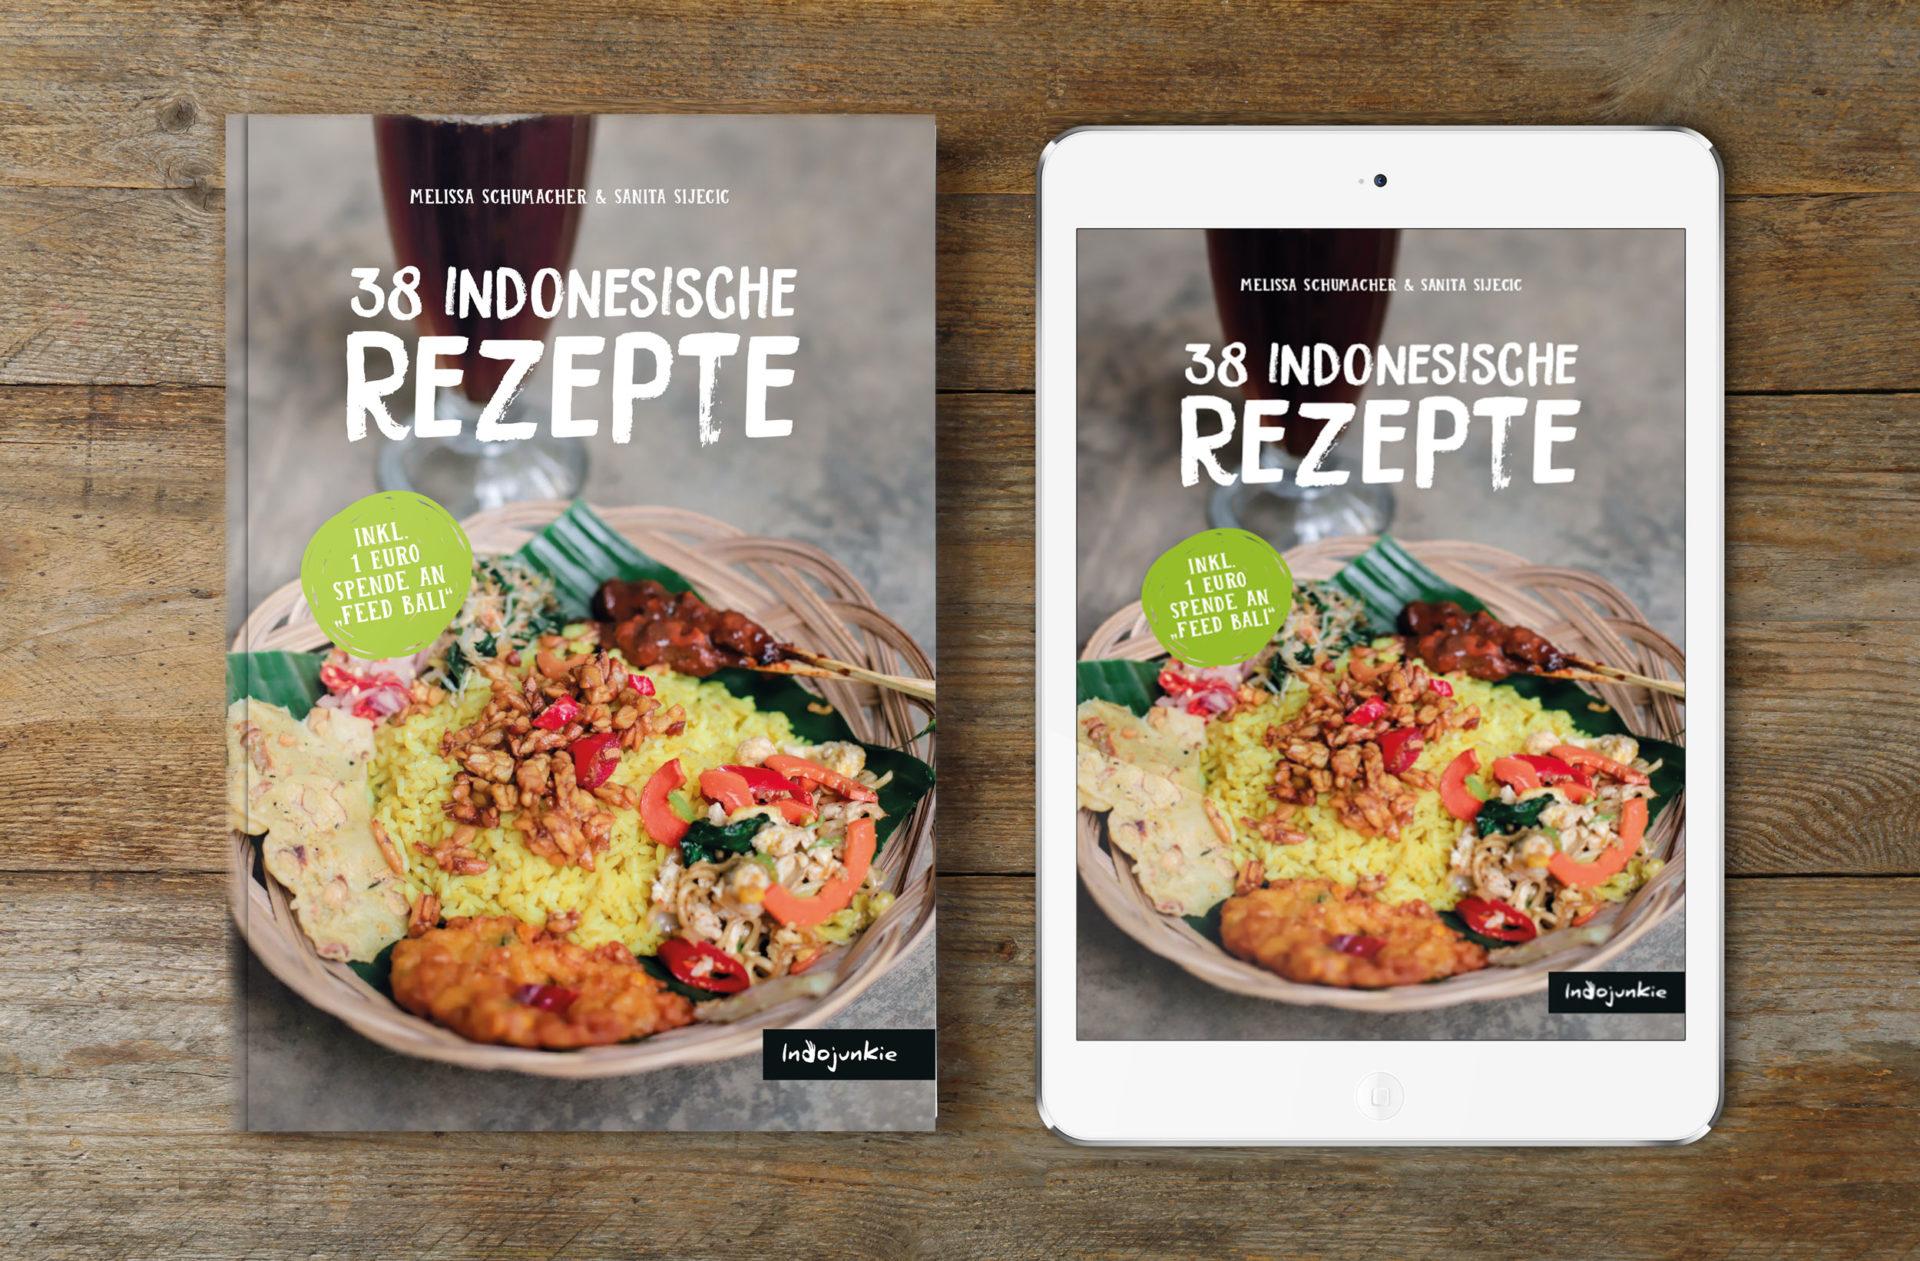 Indonesische-Rezepte-1